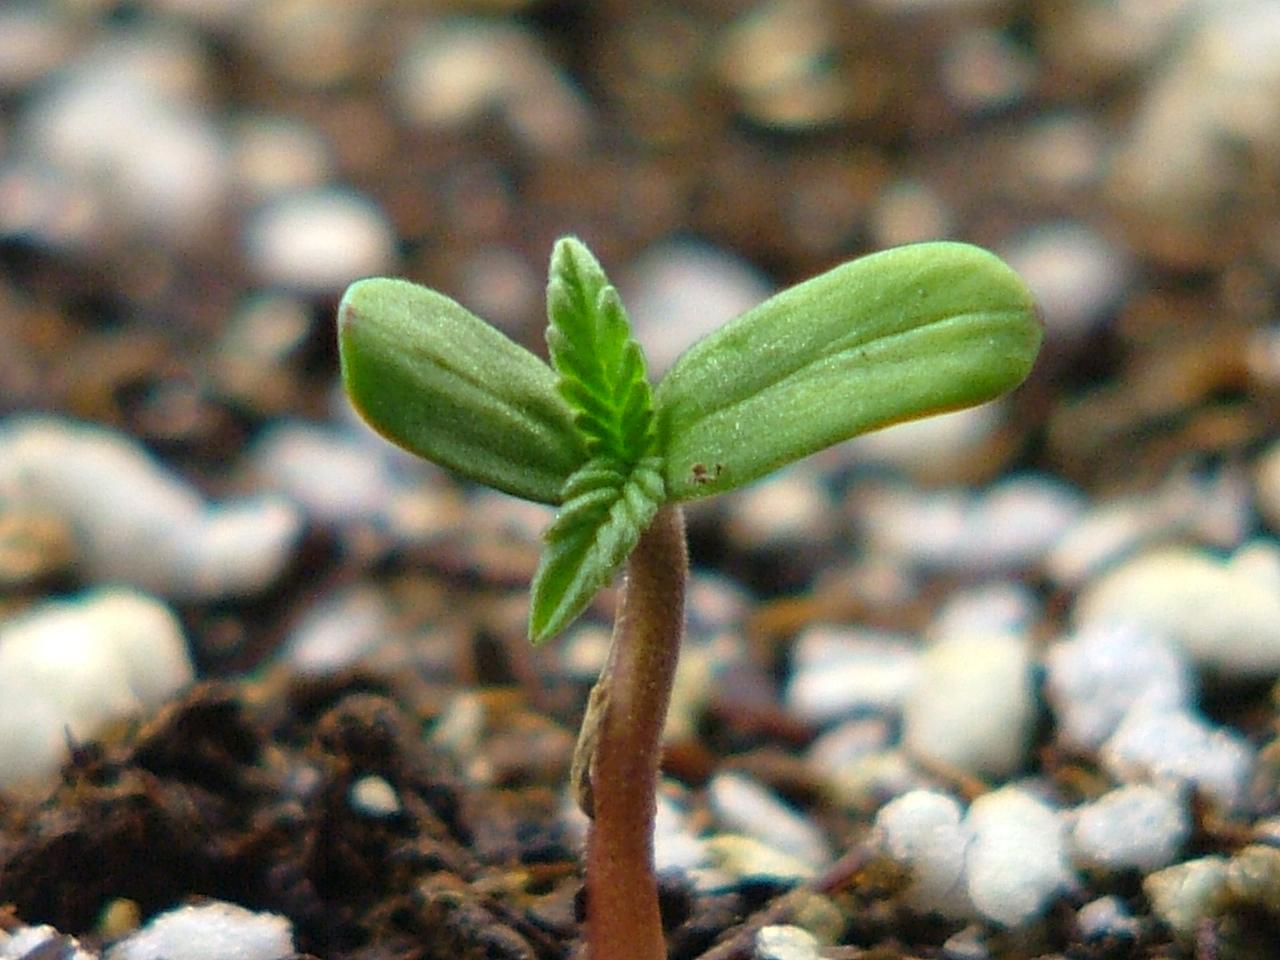 germinação de cannabis